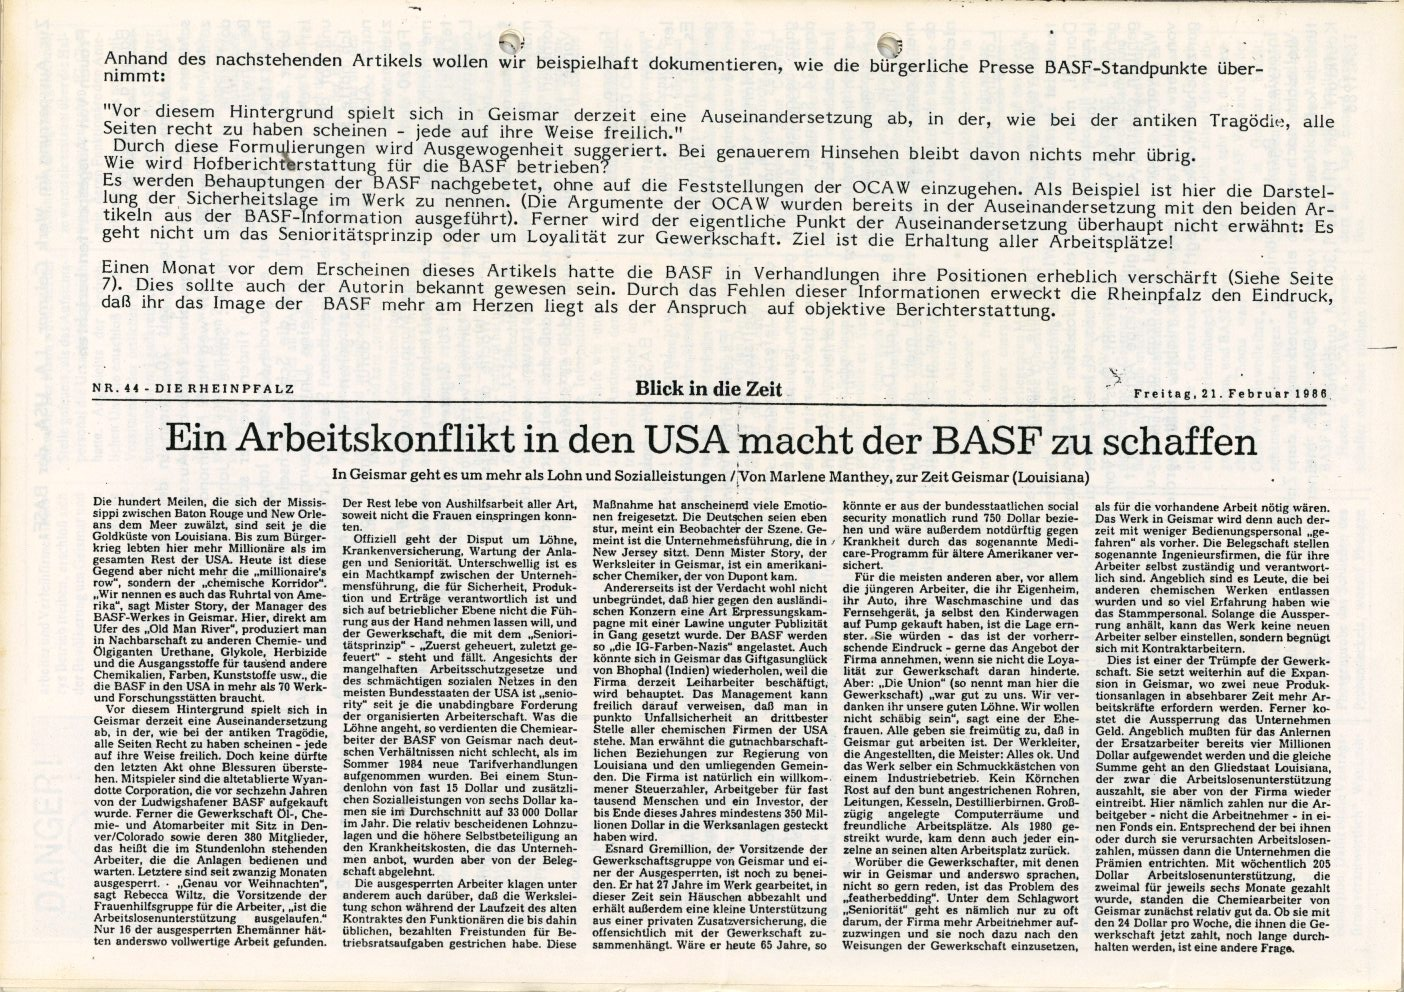 USA_BASF_Aussperrung_in_Geismar_1986_2_14